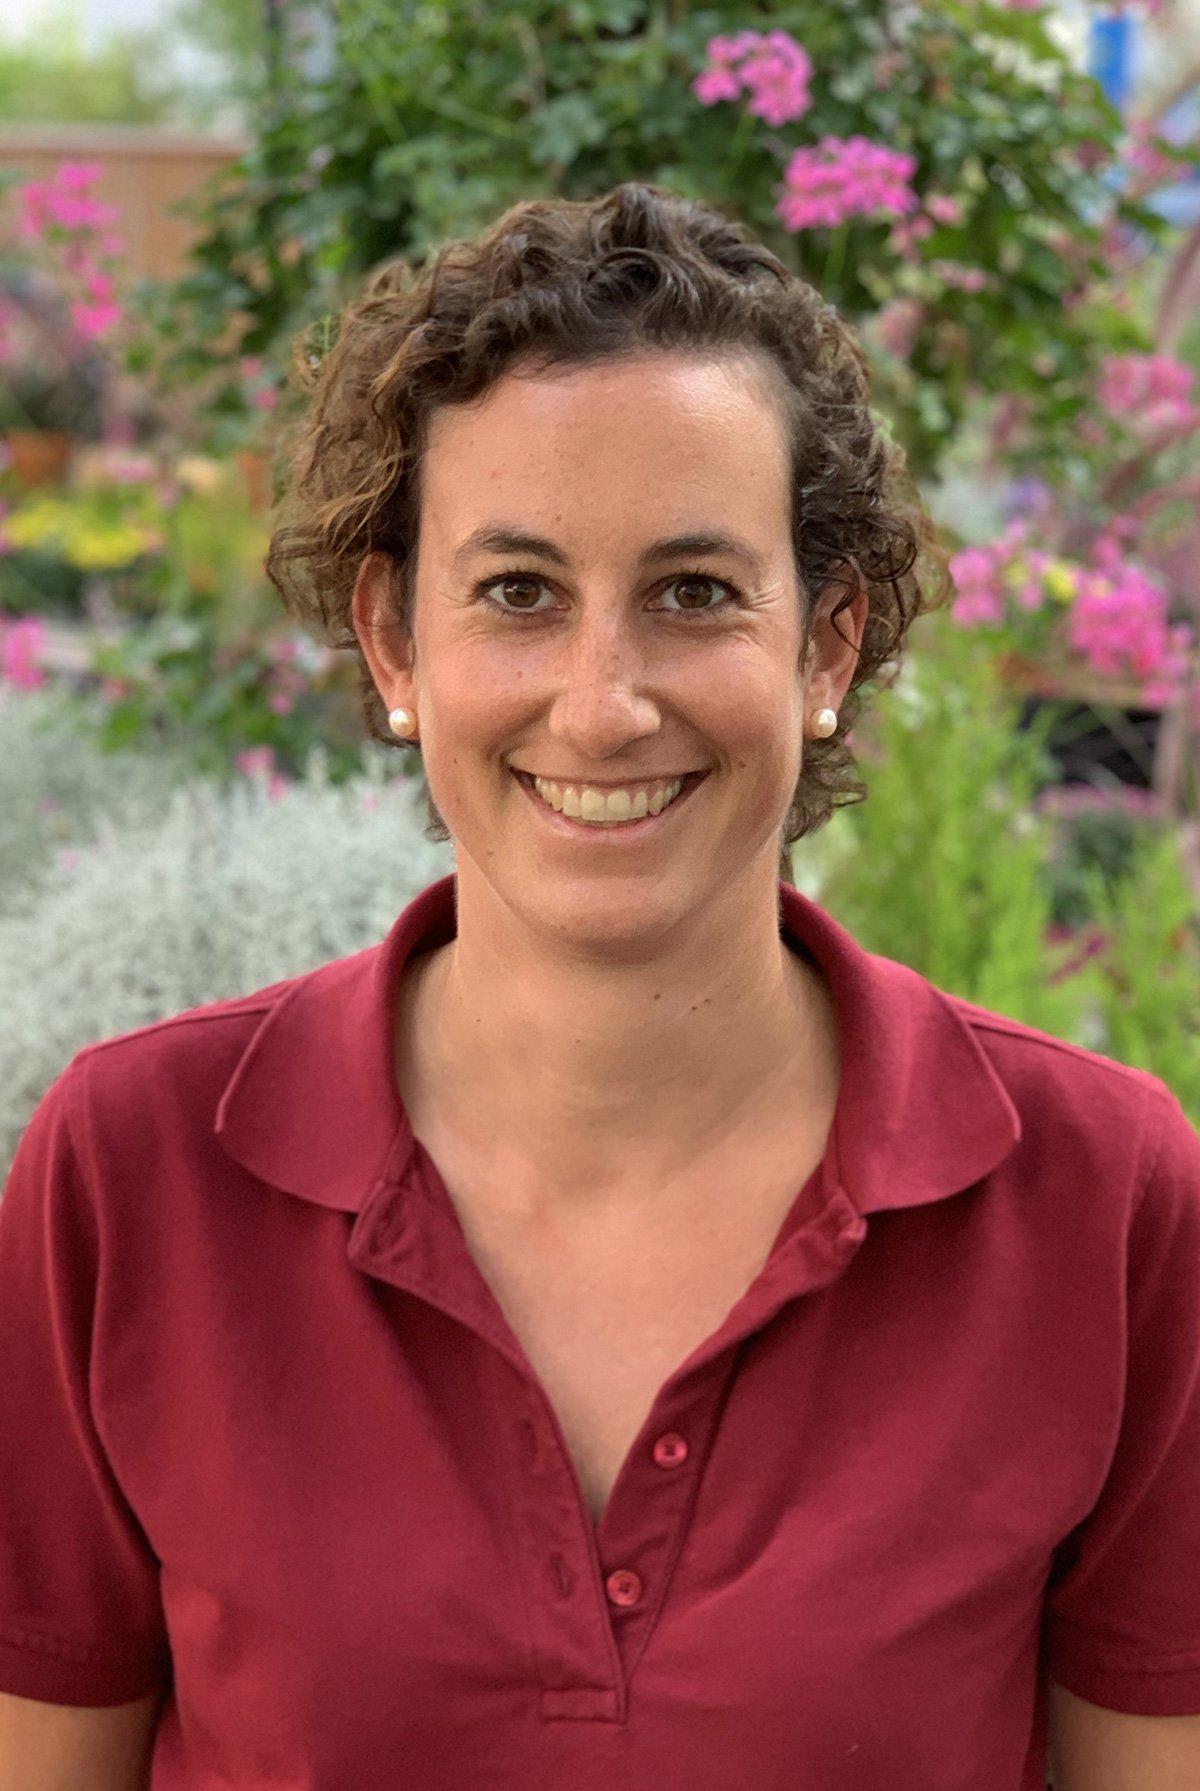 Melanie Flachsmann